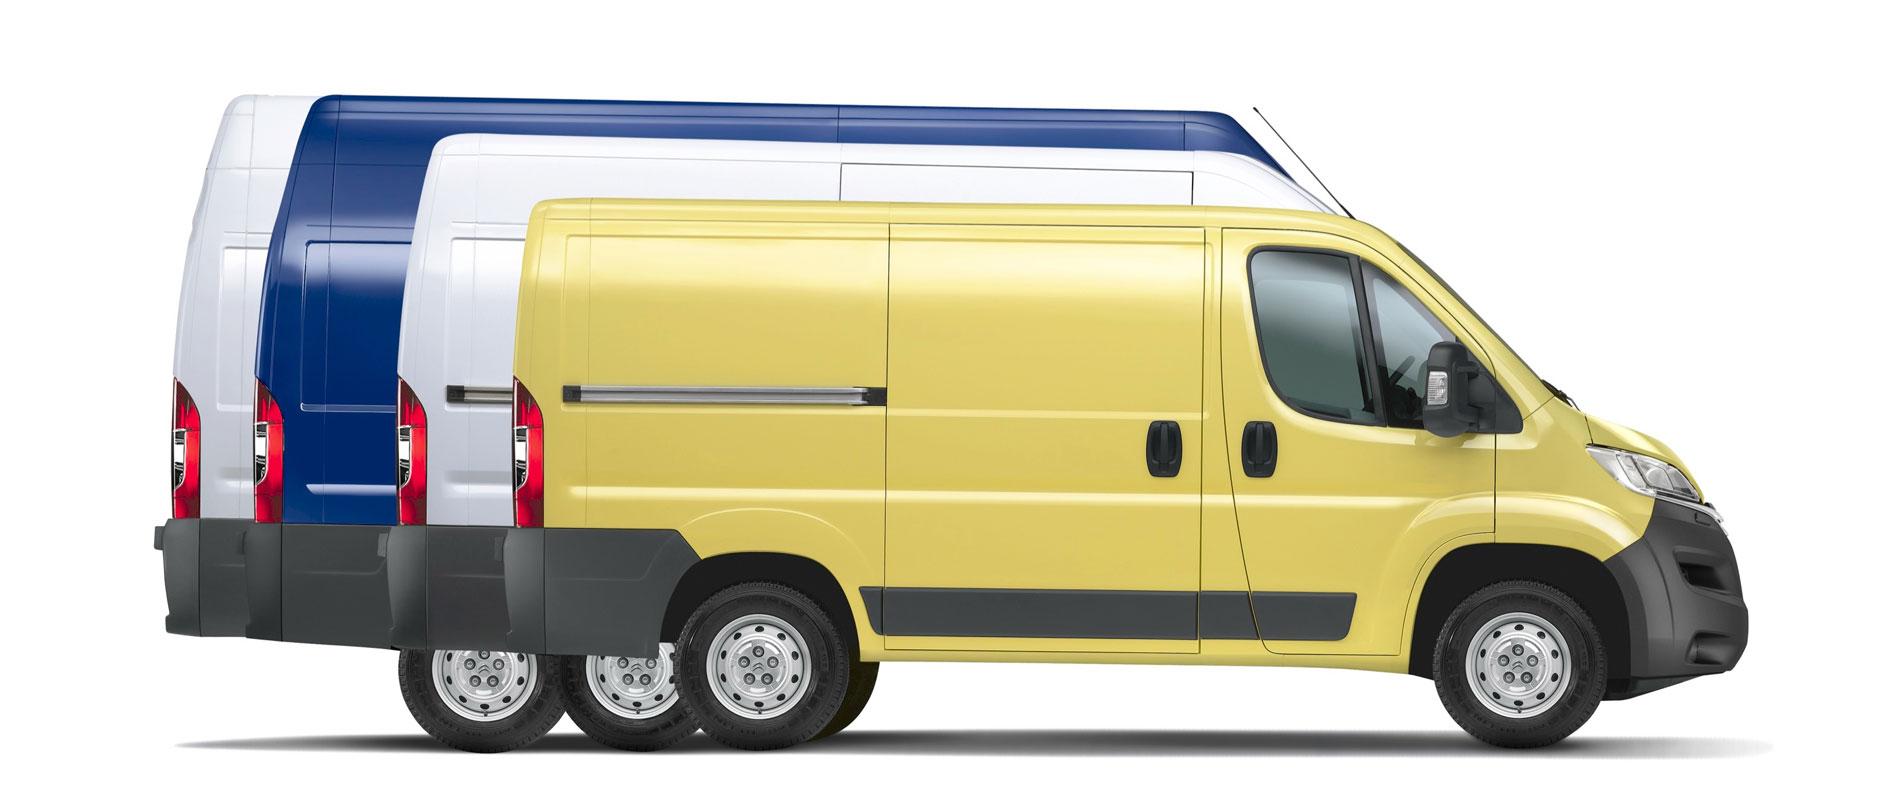 New Citroën Jumper